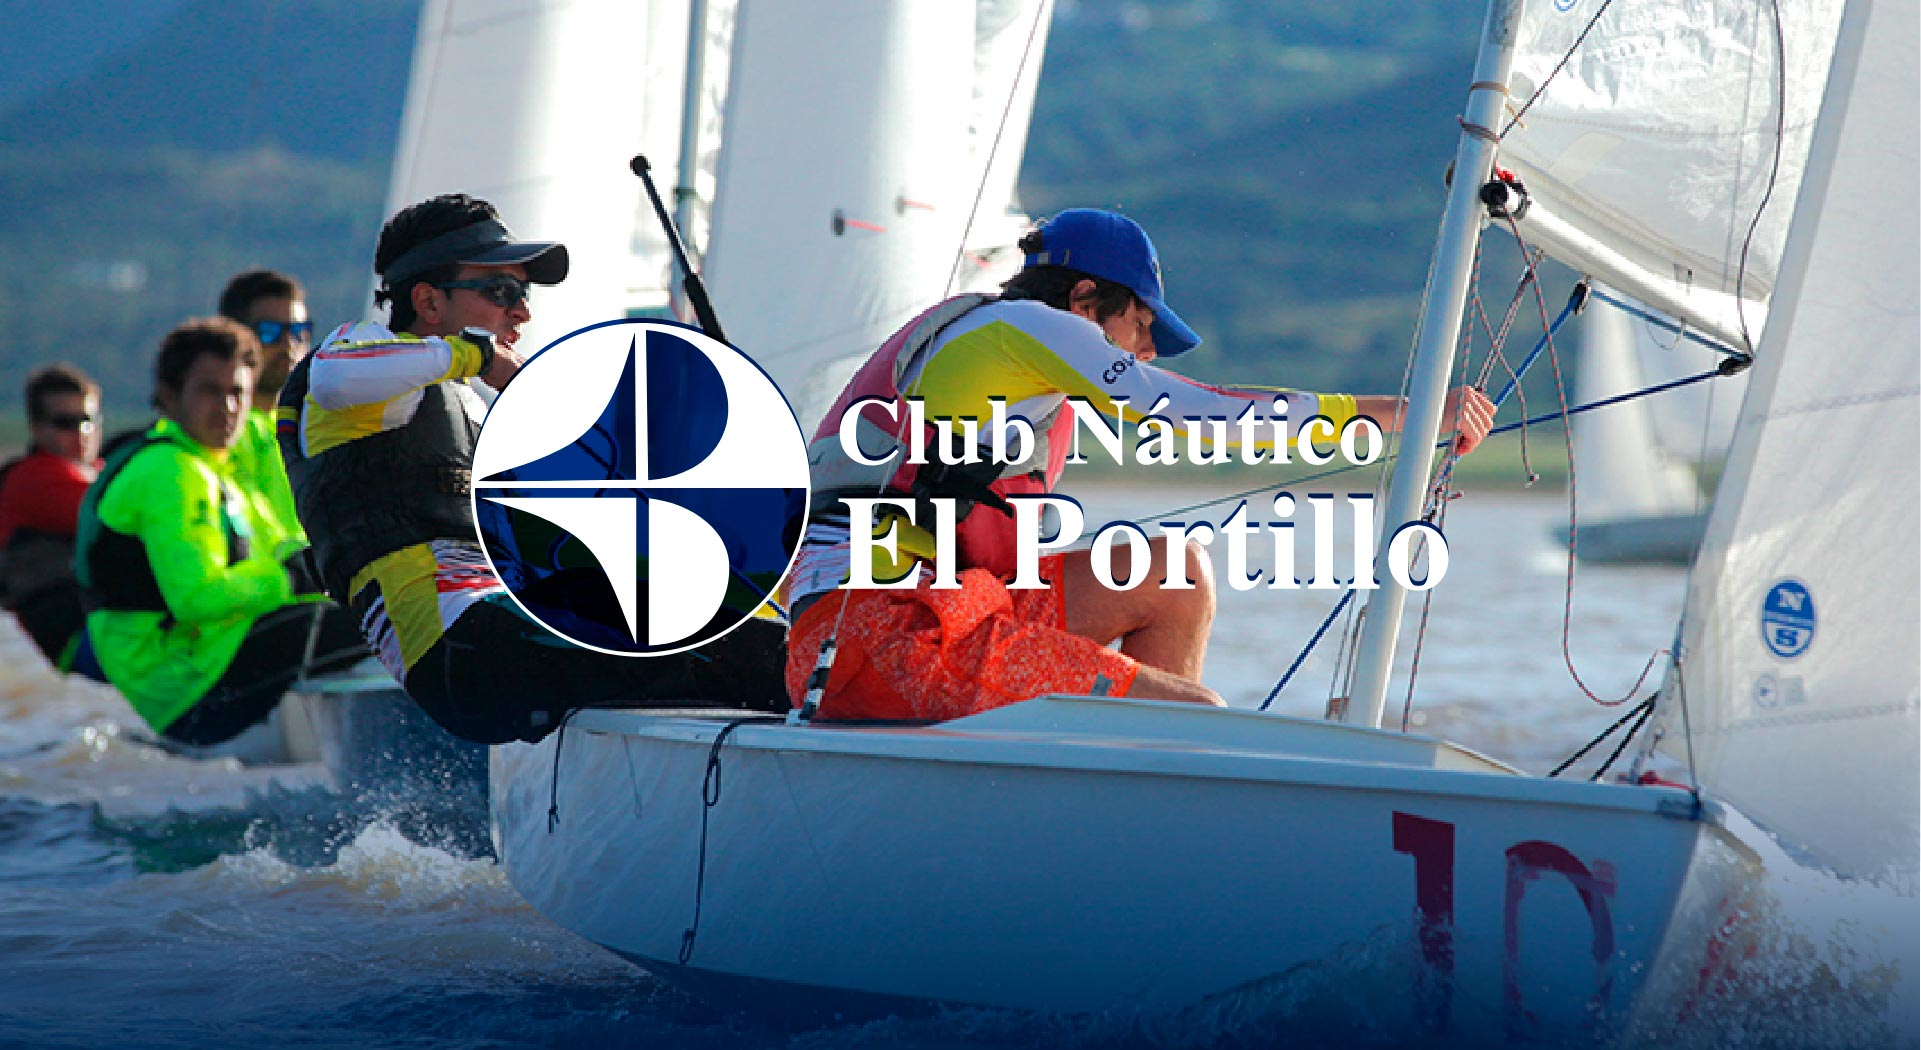 Navegantes con logo del Club Náutico El Portillo